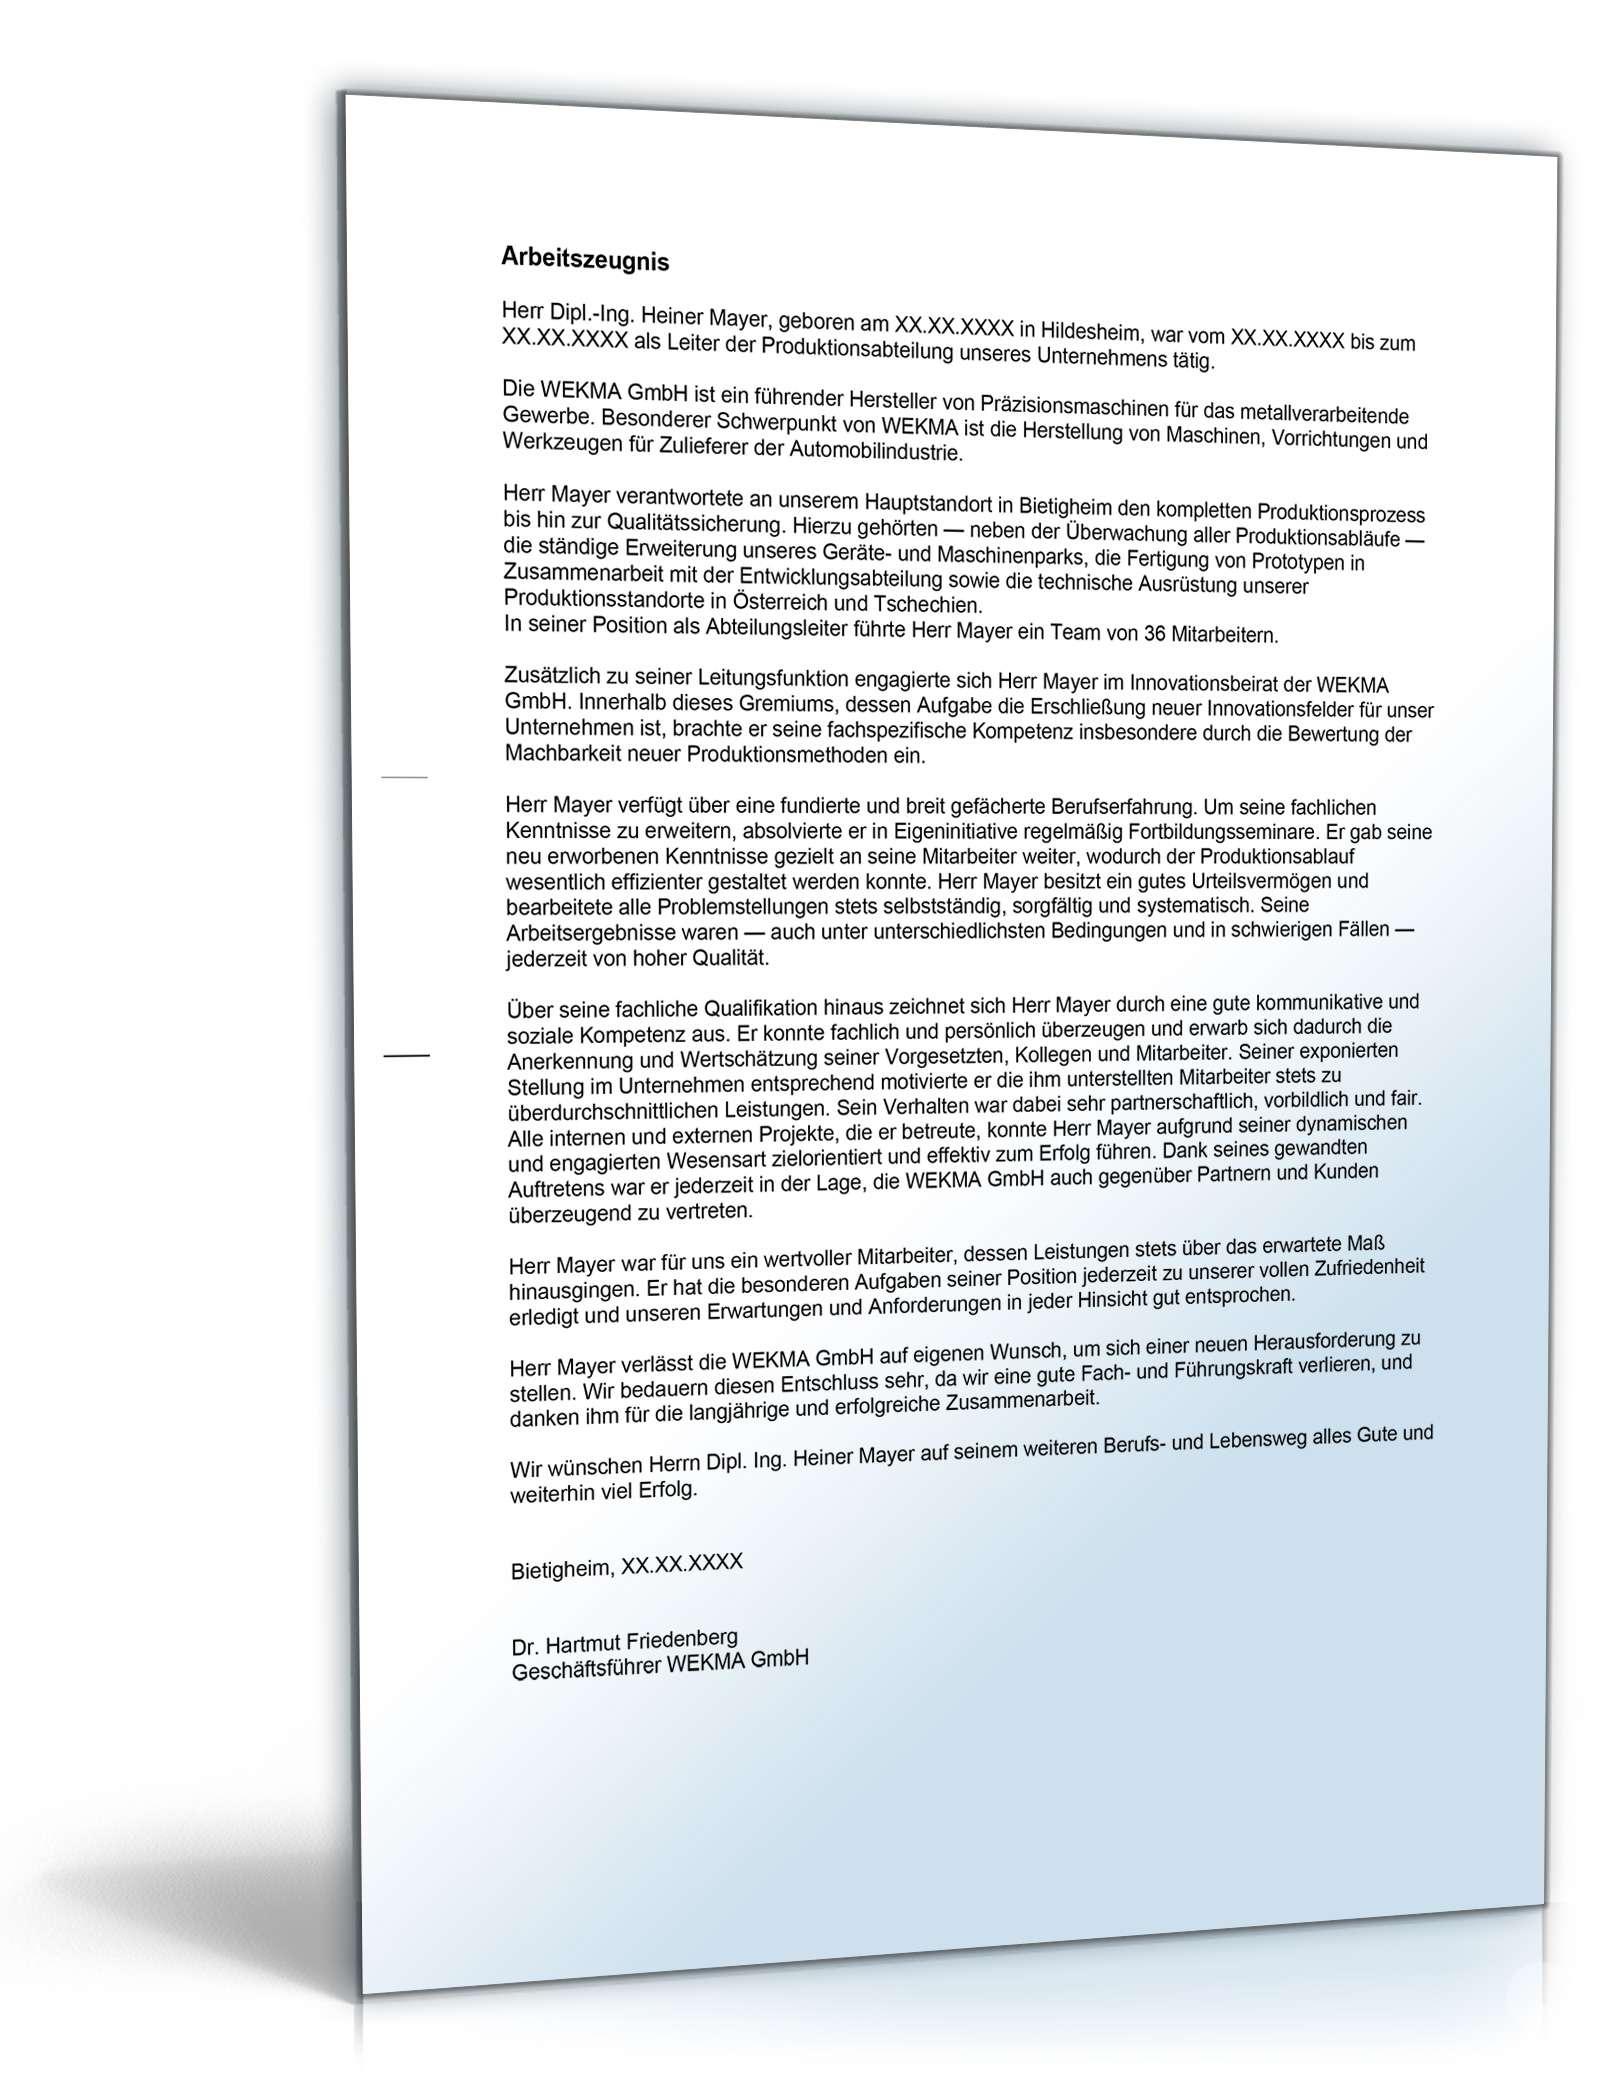 Arbeitszeugnis Führungskraft Gut: Muster zum Download